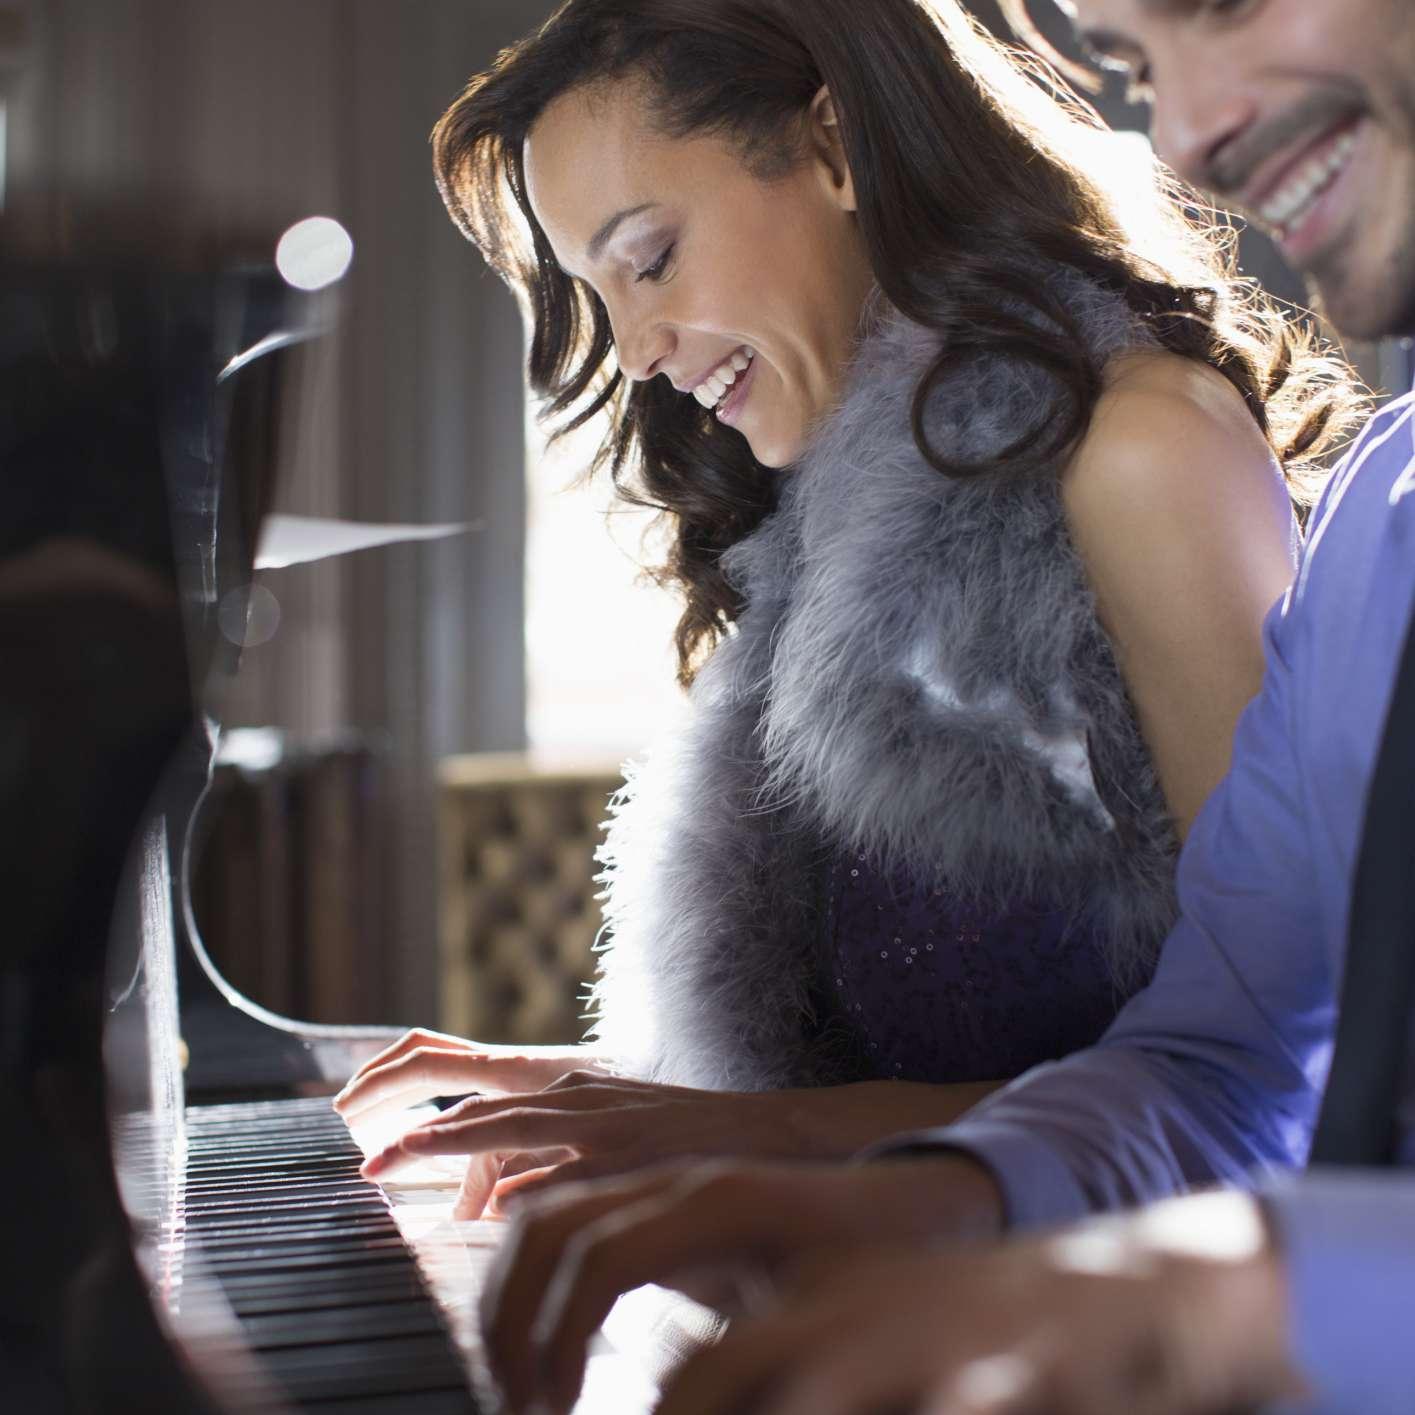 El amor se expresa con la música